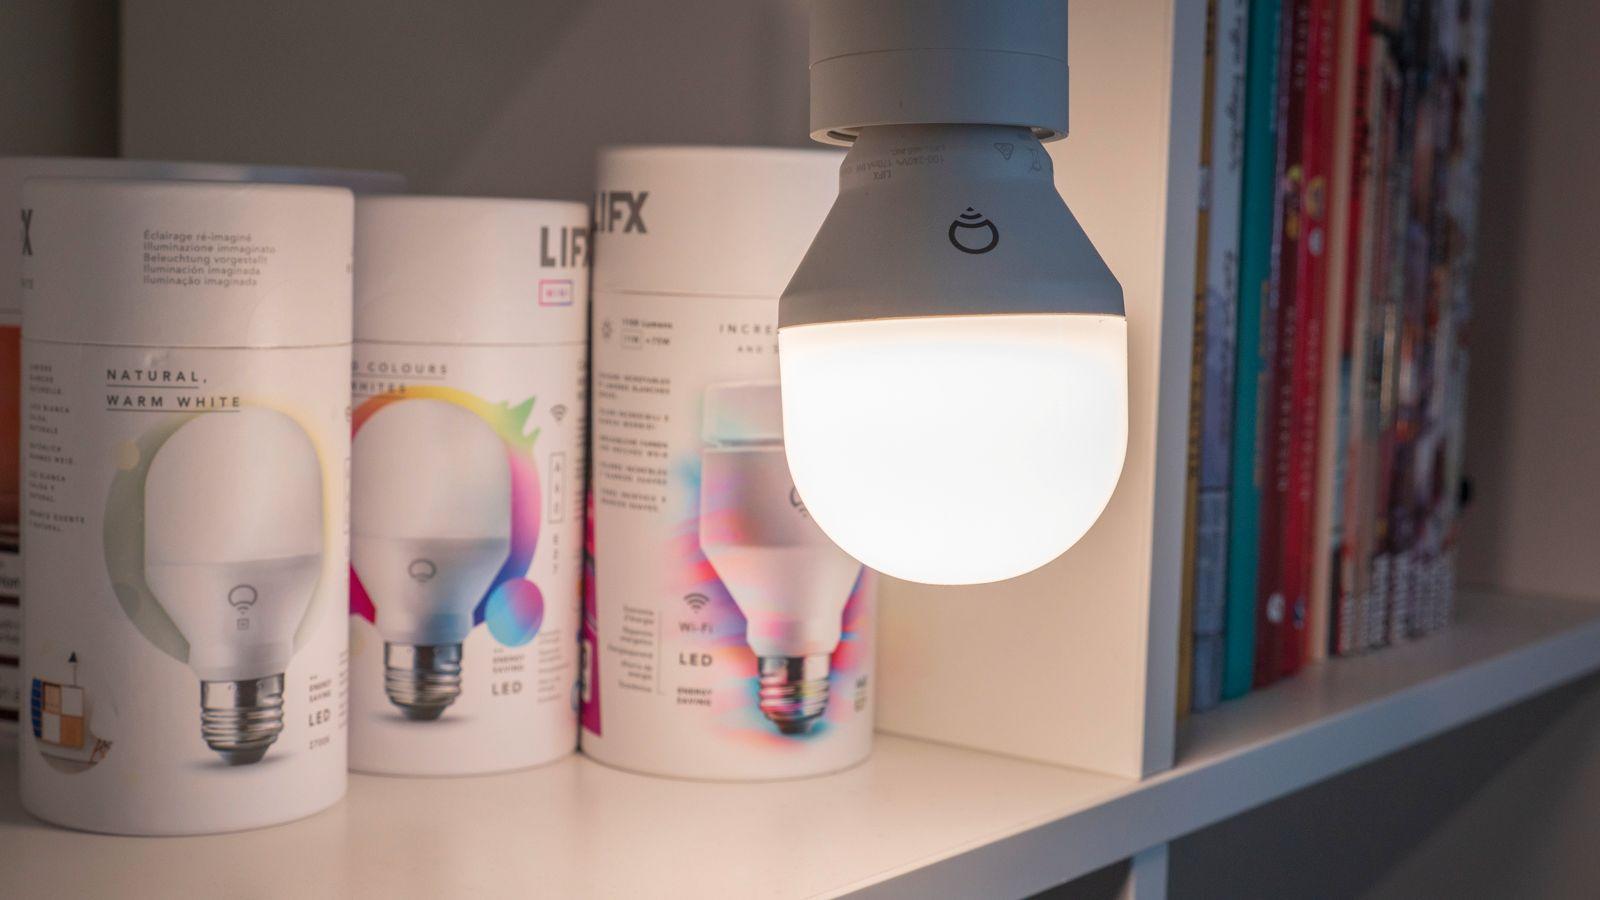 Siden LIFX mangler pærer med E14-sokkel, og ikke har egne lysbrytere o.l. vi kan legge i LIFX-appen, tenker vi at LIFX-pærene og lampene passer best for deg som vil bruke dem i et annet smarthjemsystem, eller som ikke skal lage et så stort system.